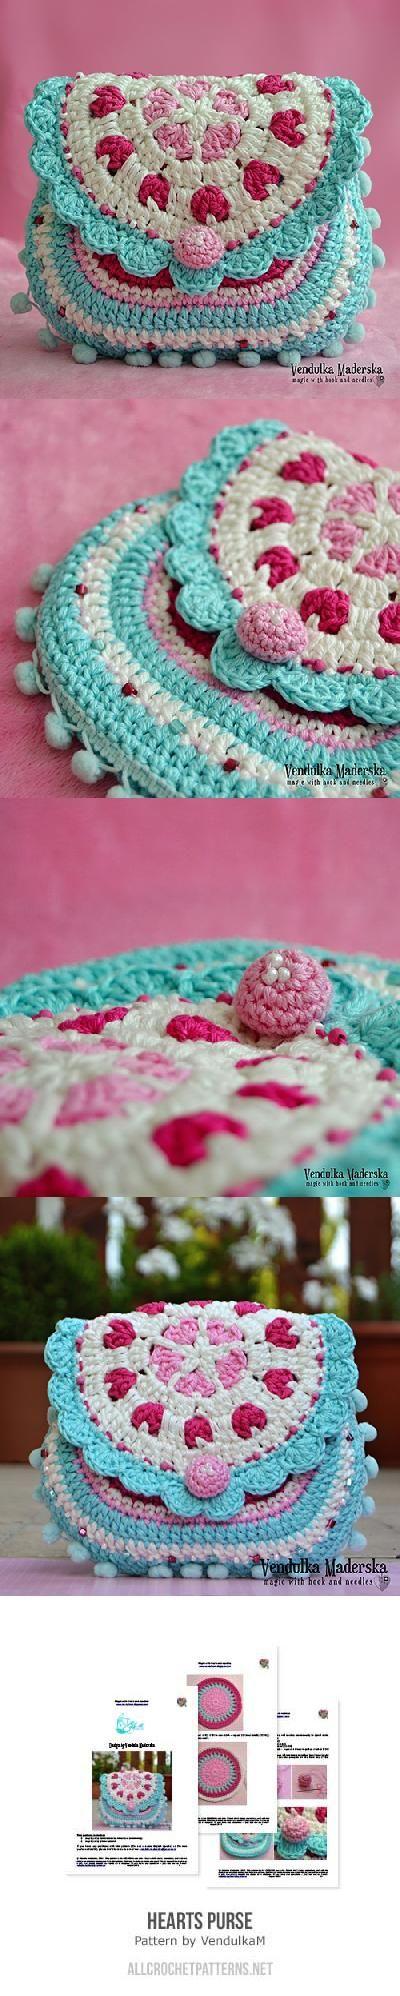 Hearts Purse Crochet Pattern